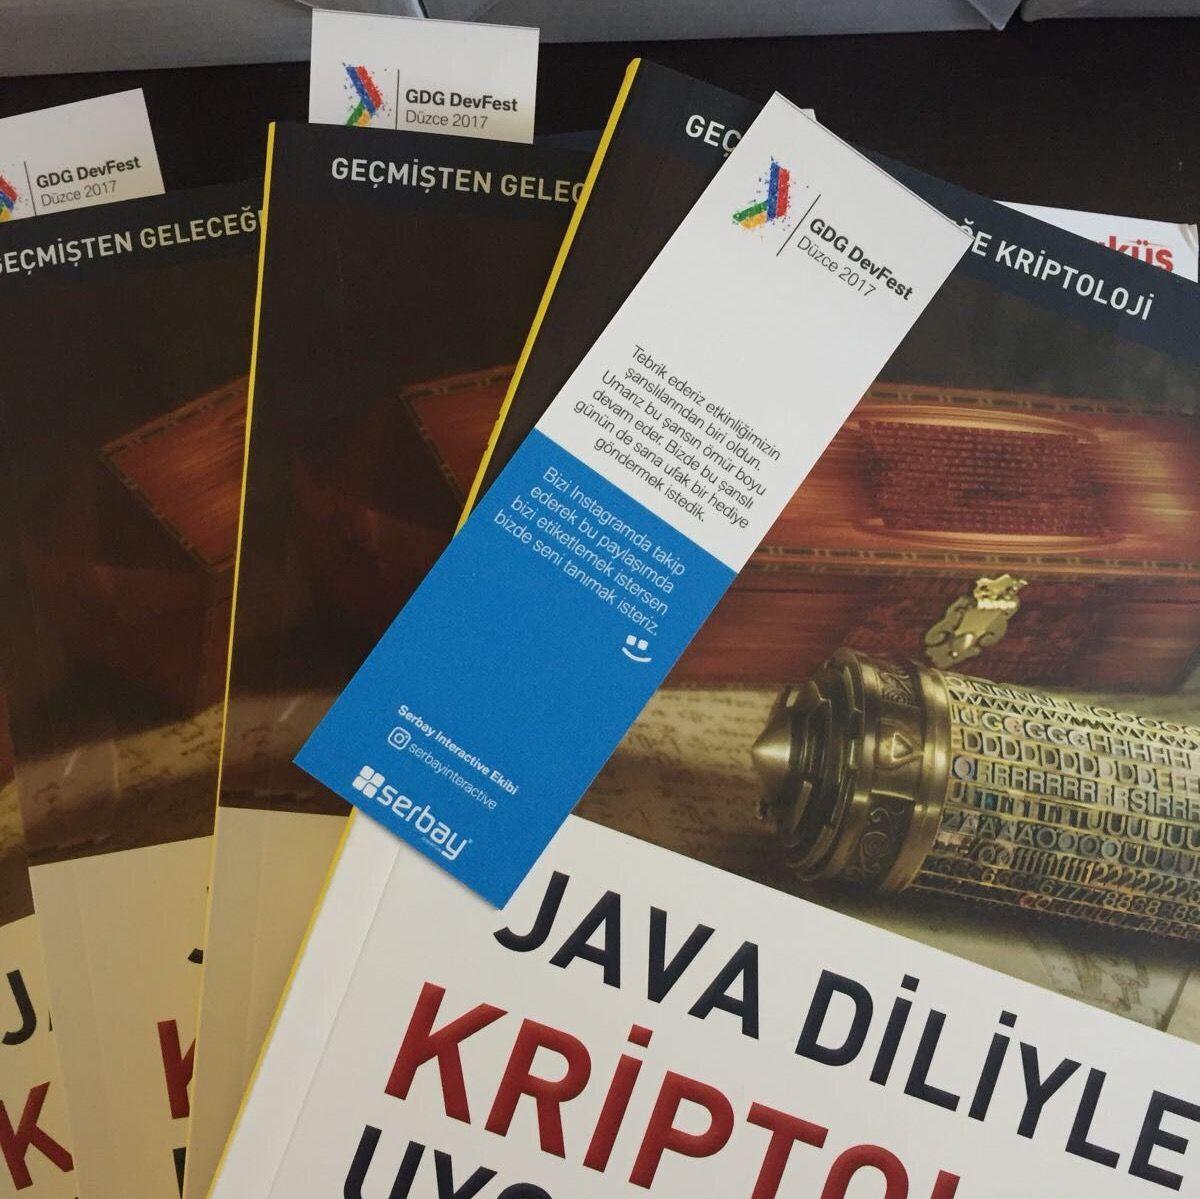 Etkinliğimizin şanslılarına Hüseyin Bodur'un Java Diliyle Kriptoloji Uygulamaları kitabını hediye ettik.